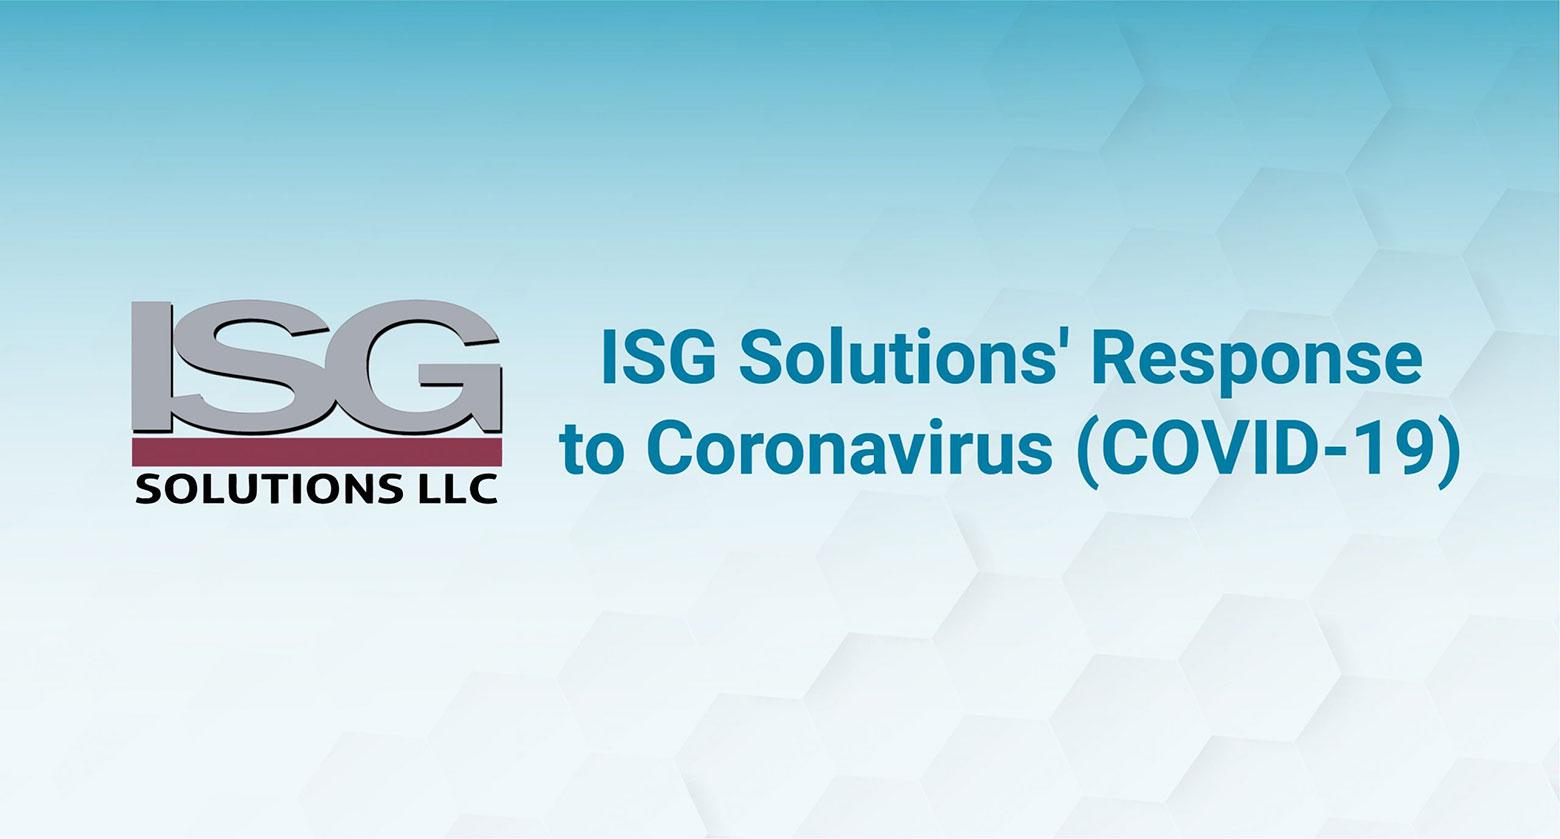 ISG Solutions Response to Coronavirus